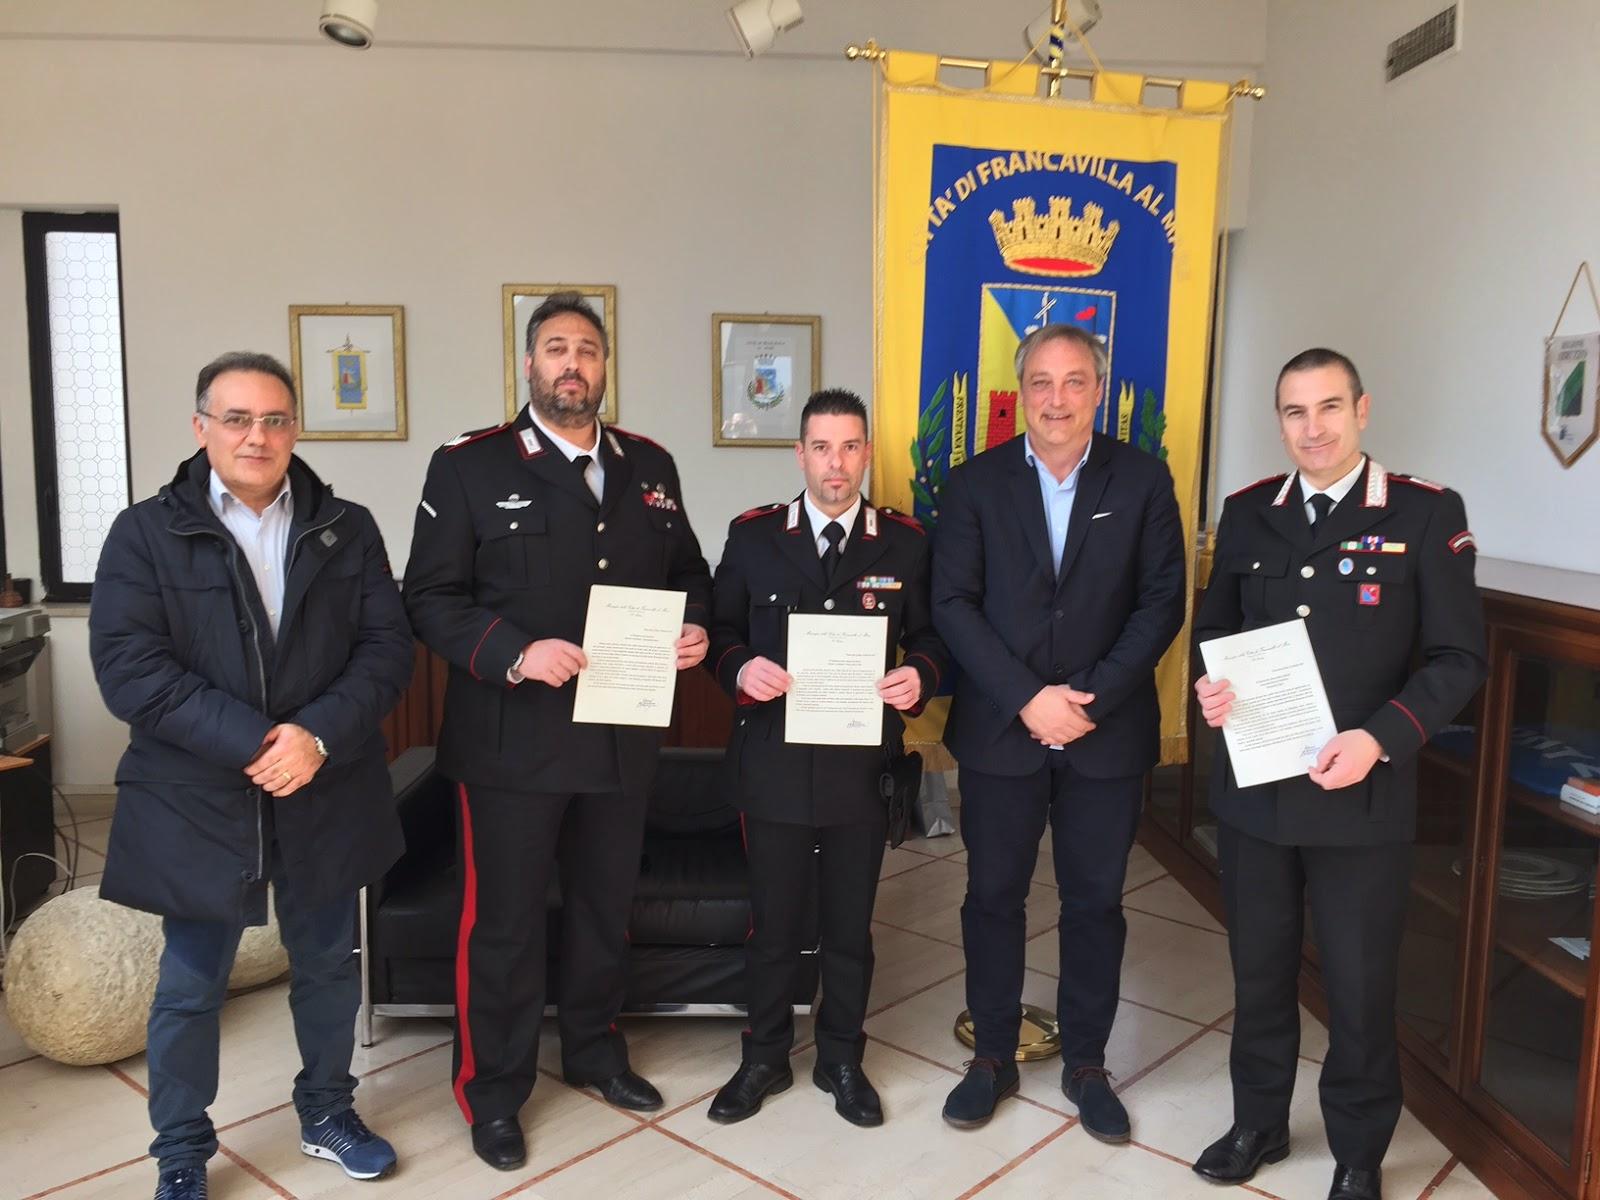 francavilla carabinieri